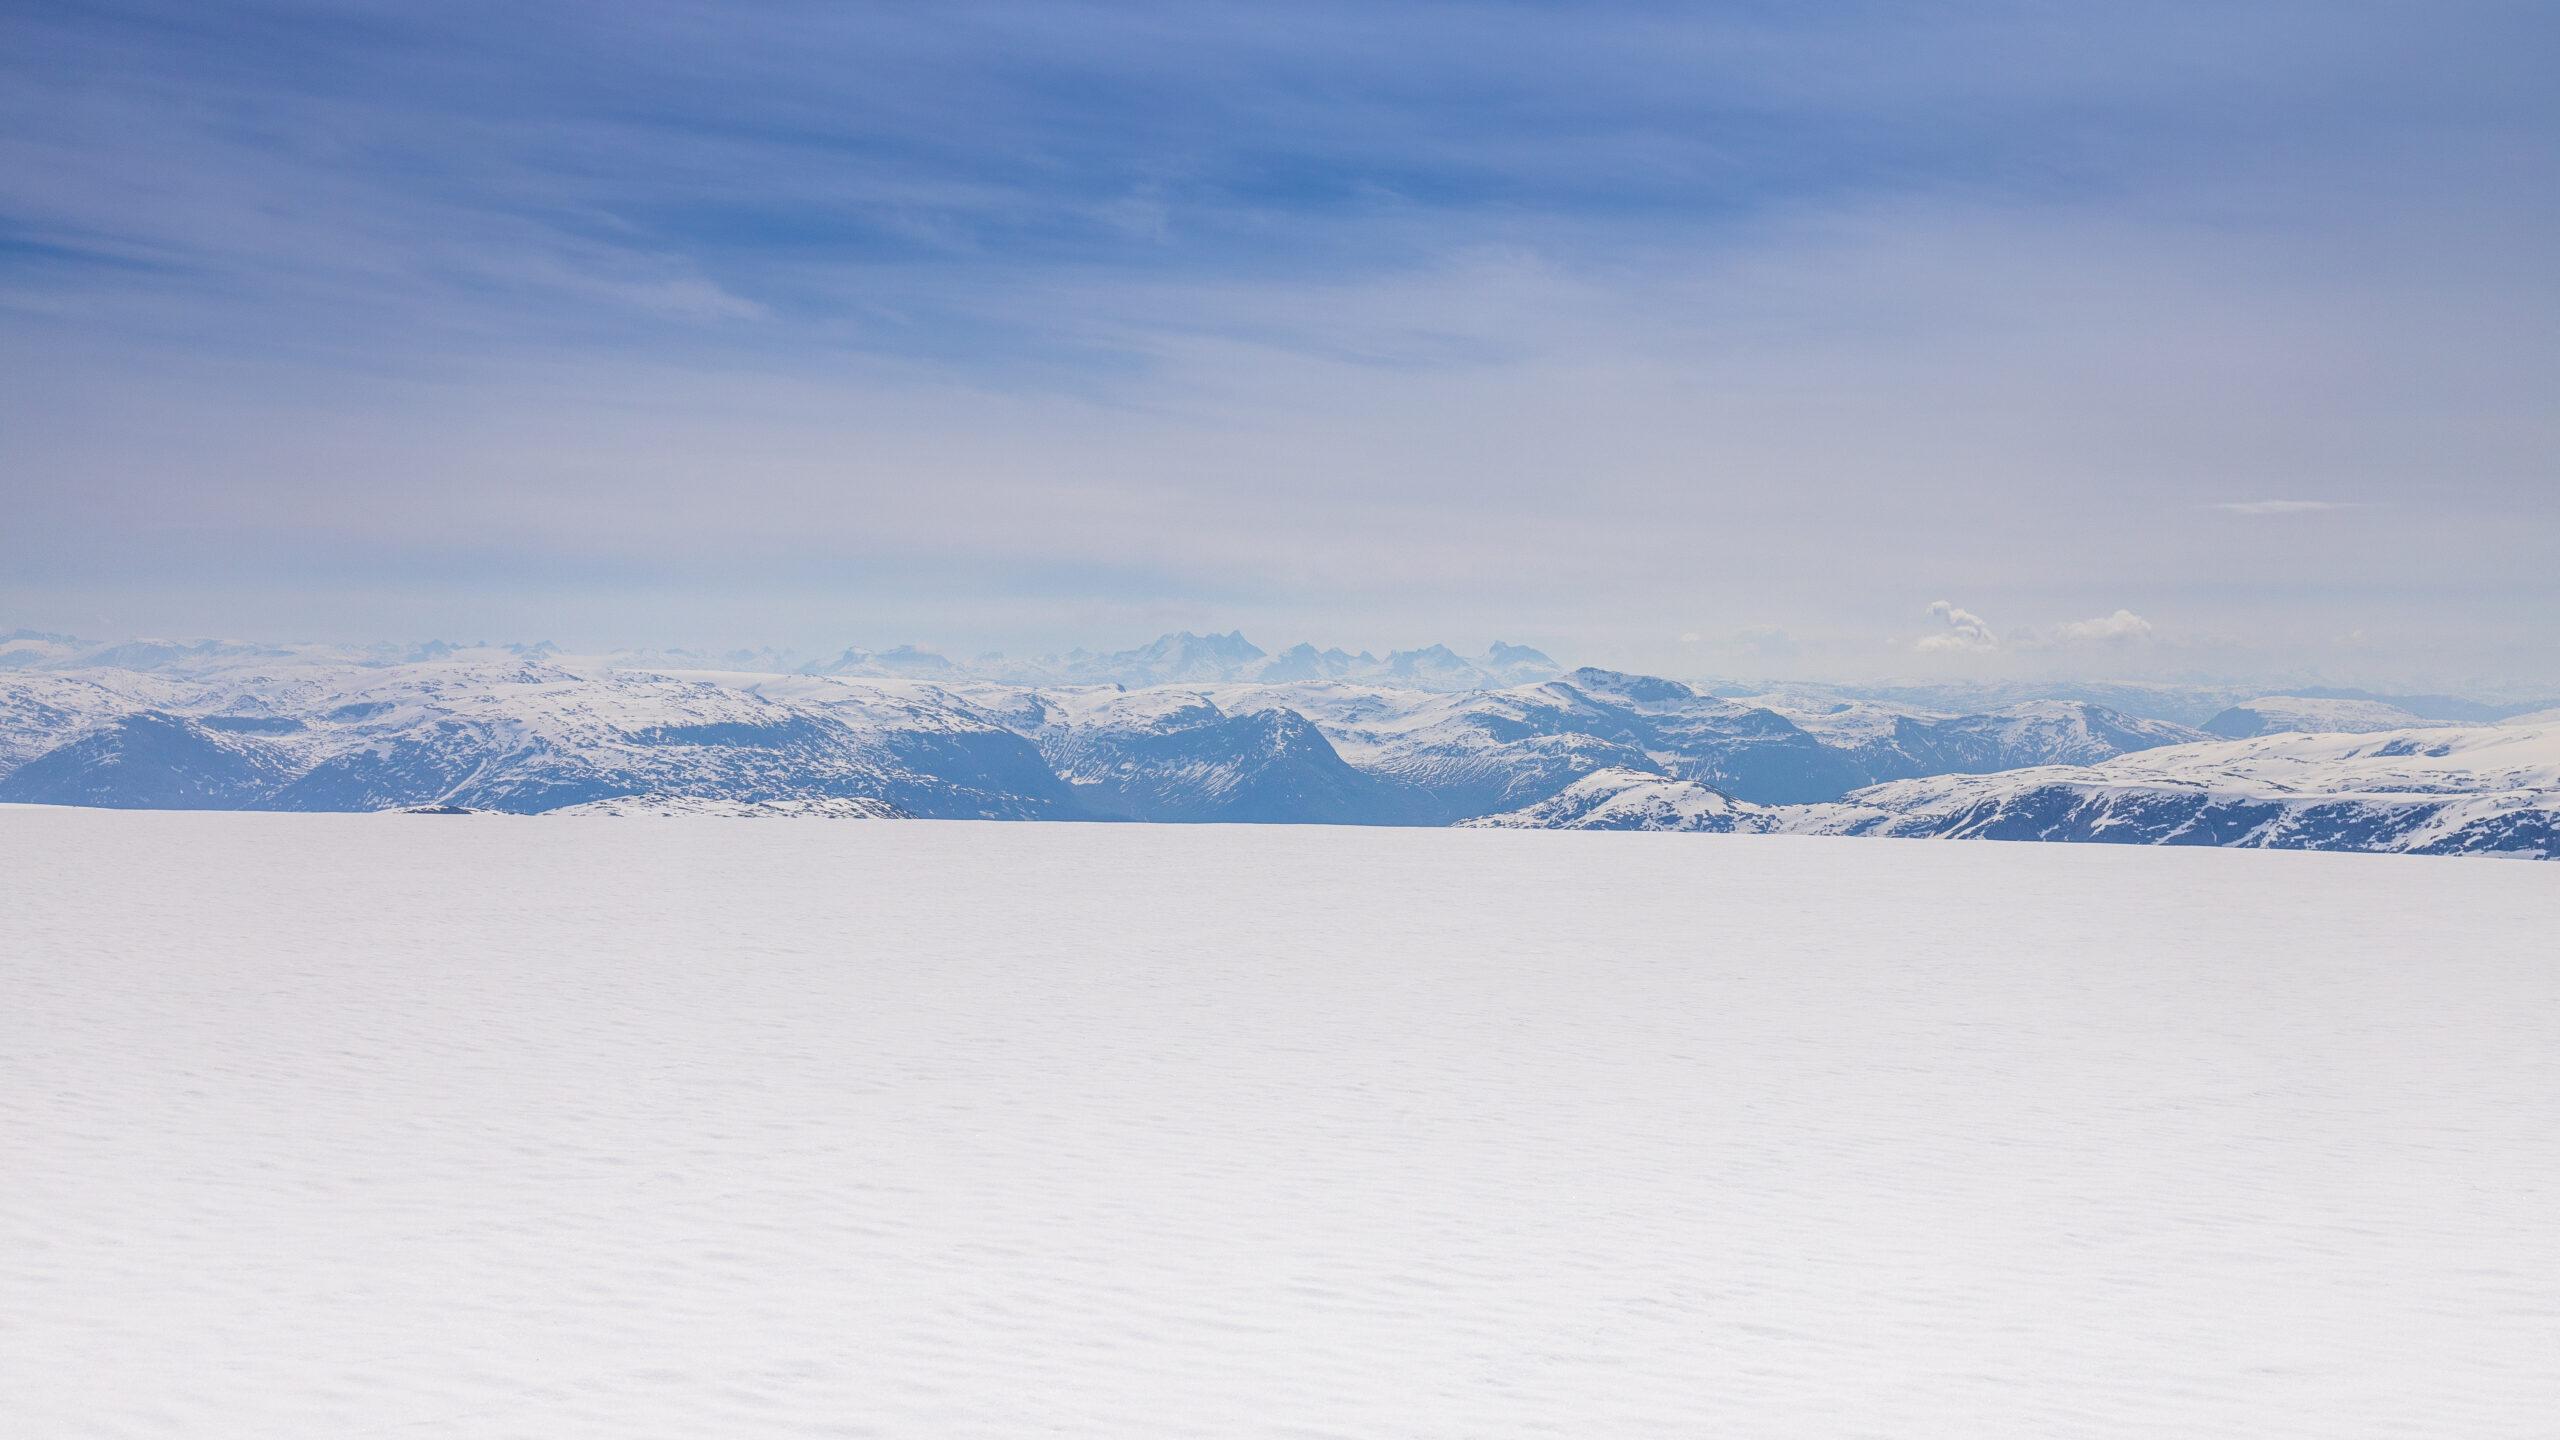 Fra Høgste Breakulen ser en den vestlige delen av Jotunheimen og Hurrunganes kvasse tinder.